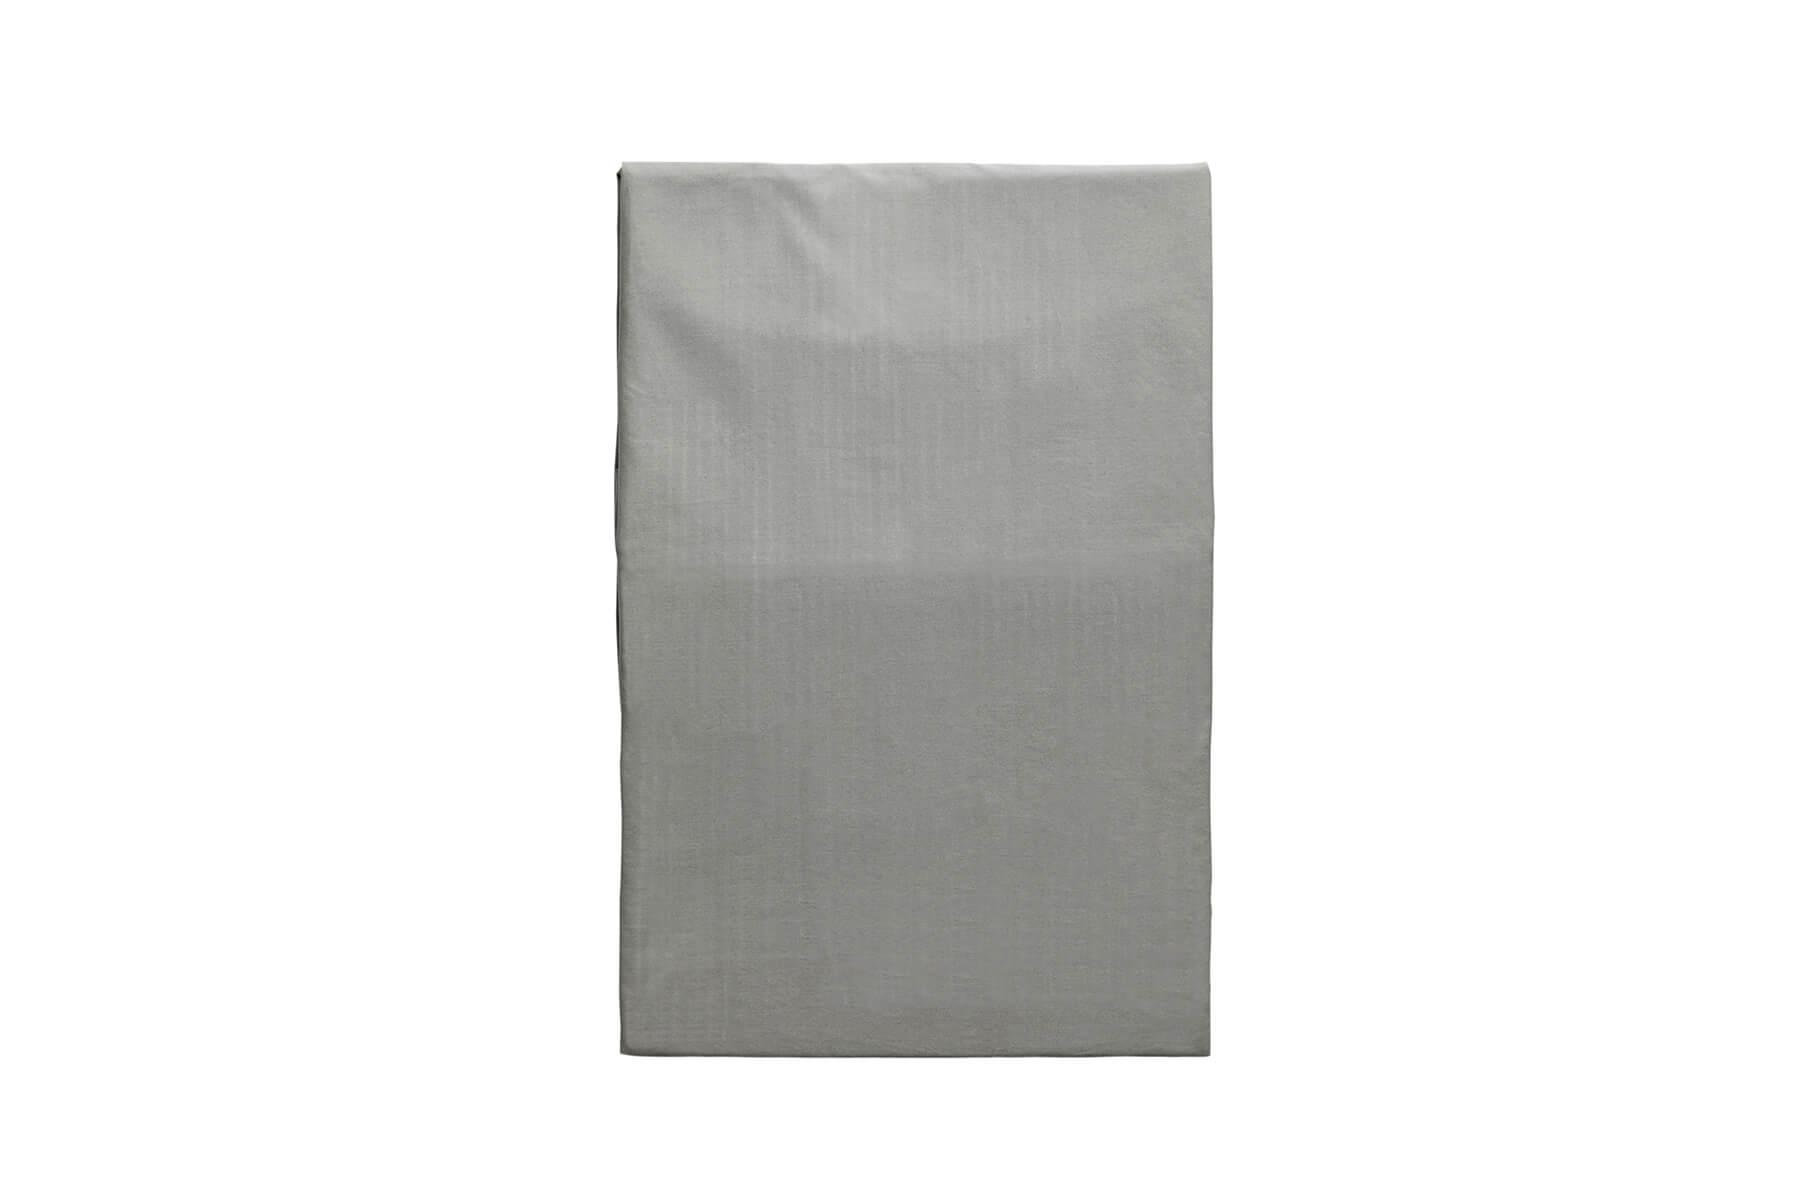 Køb Norhland kuvertlagen GrÃ¥ 210 x 210 cm